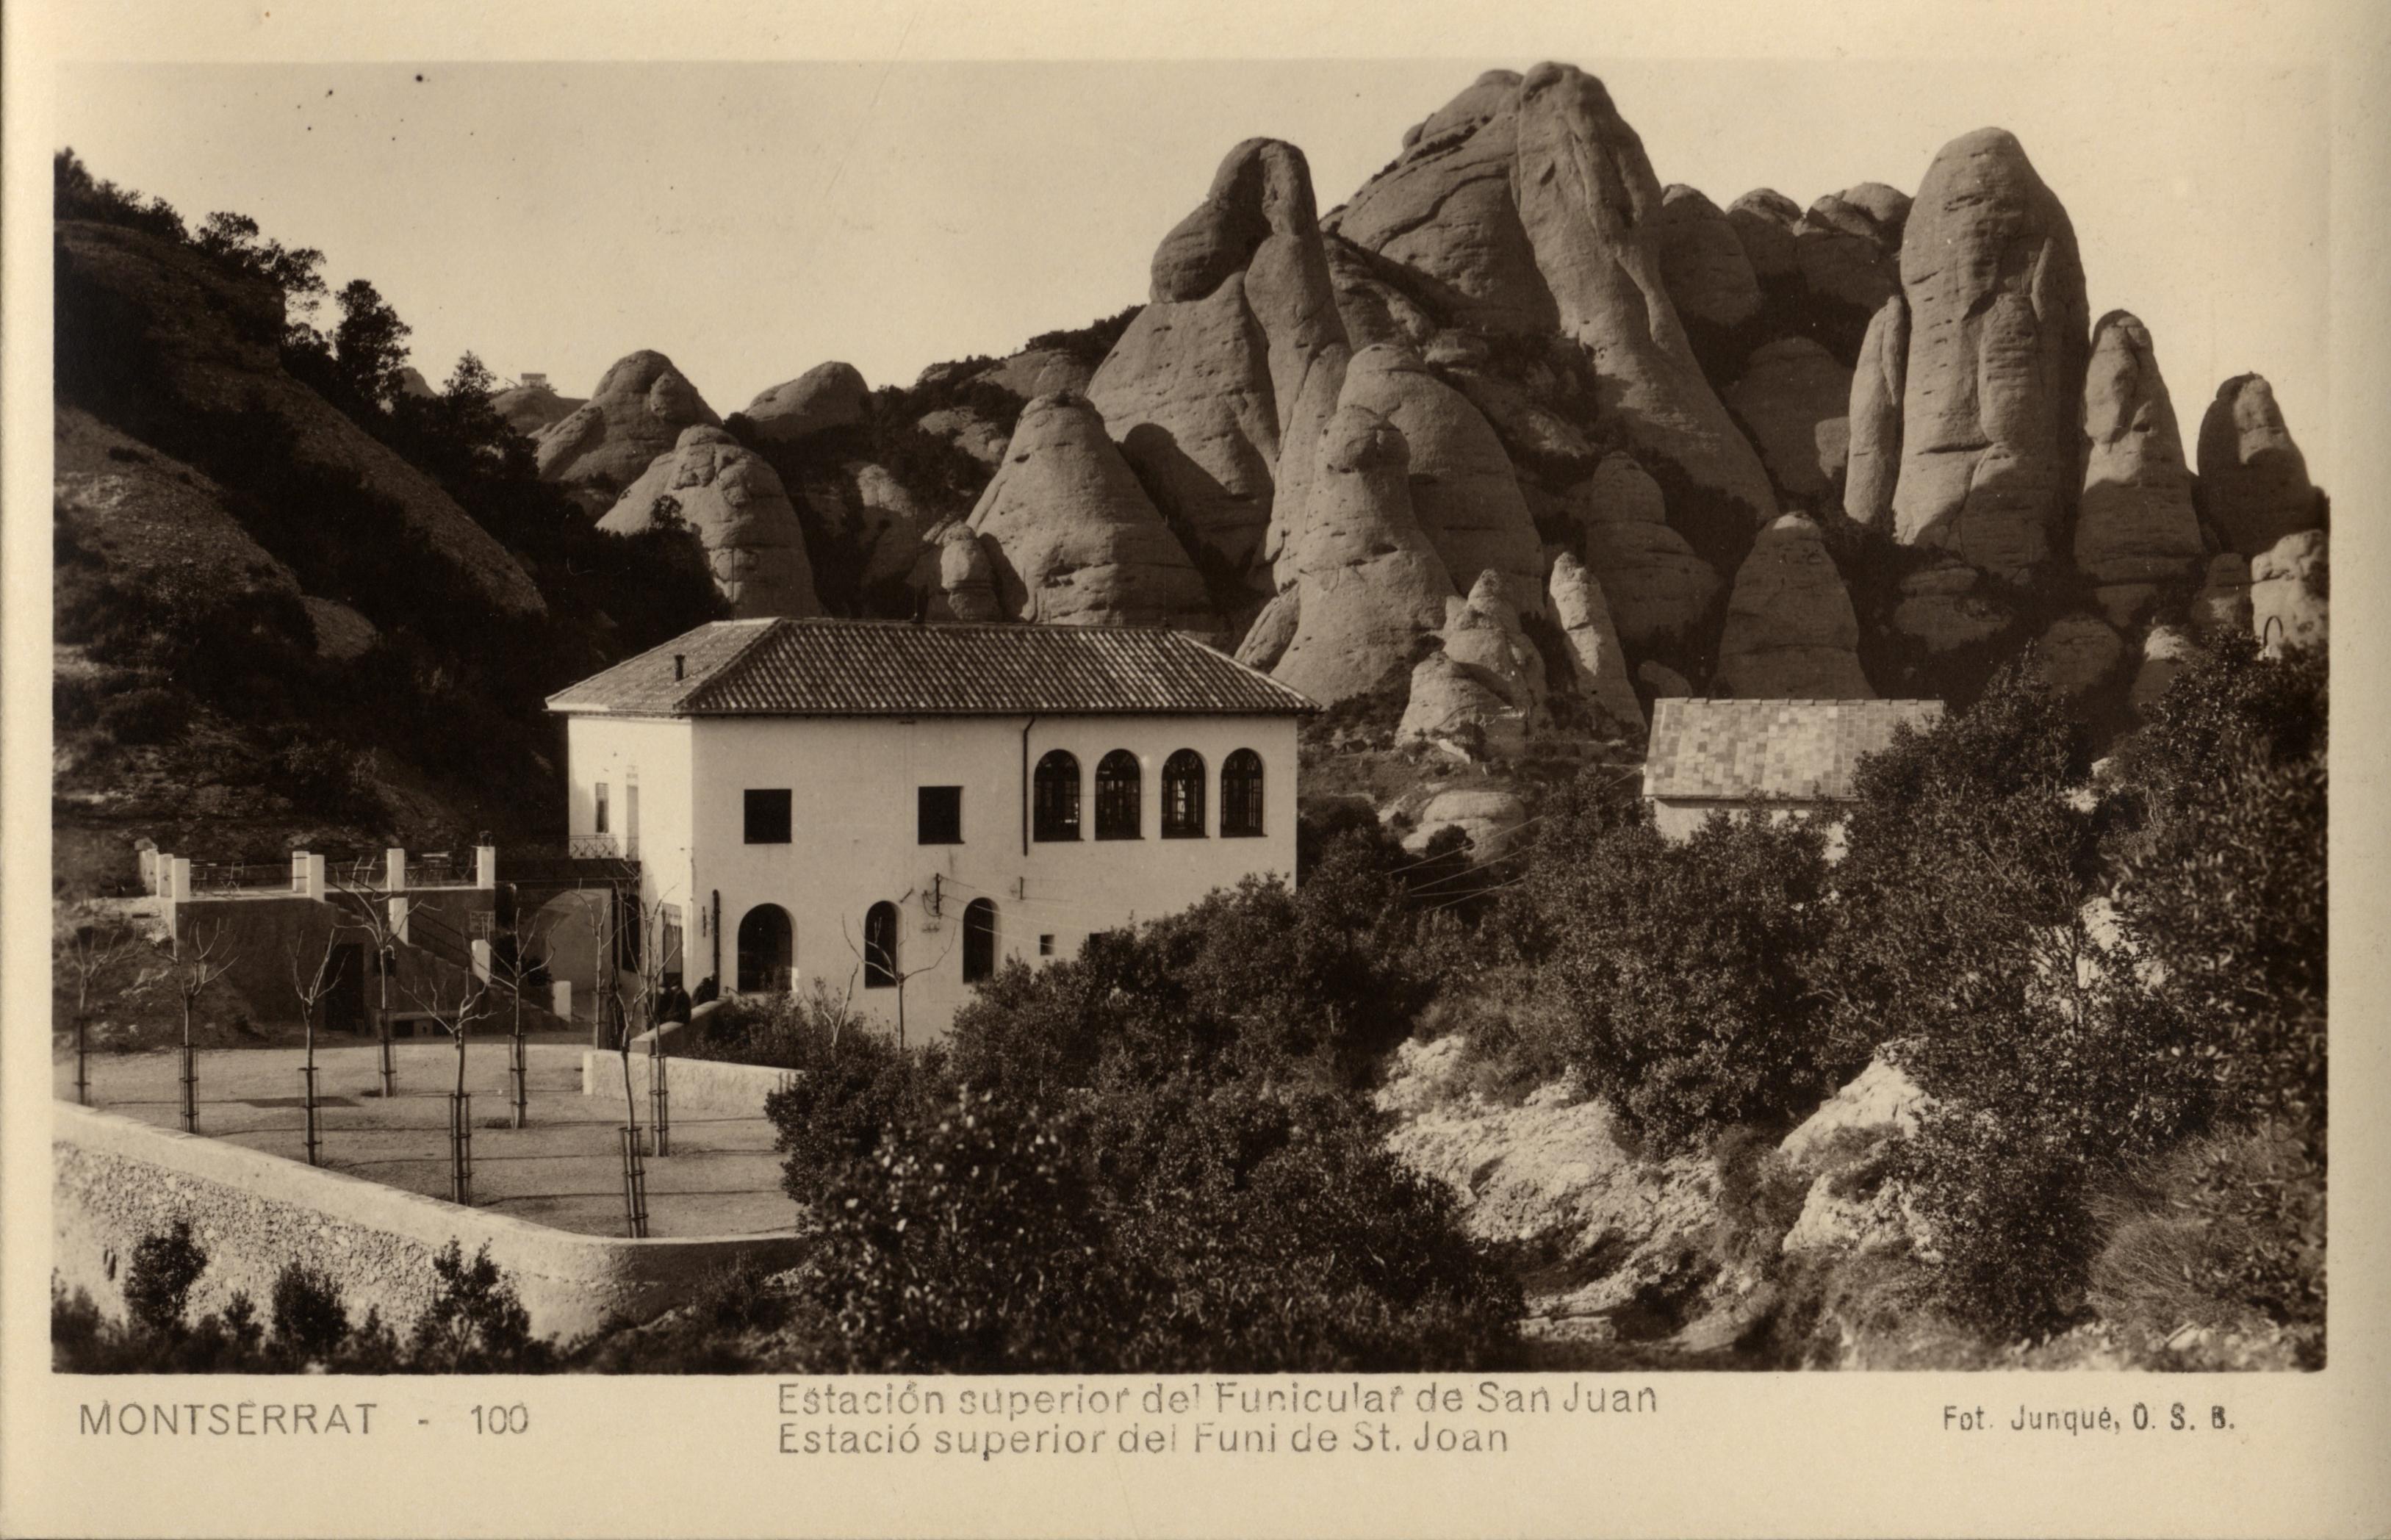 Montserrat album de postals 20101125132859793